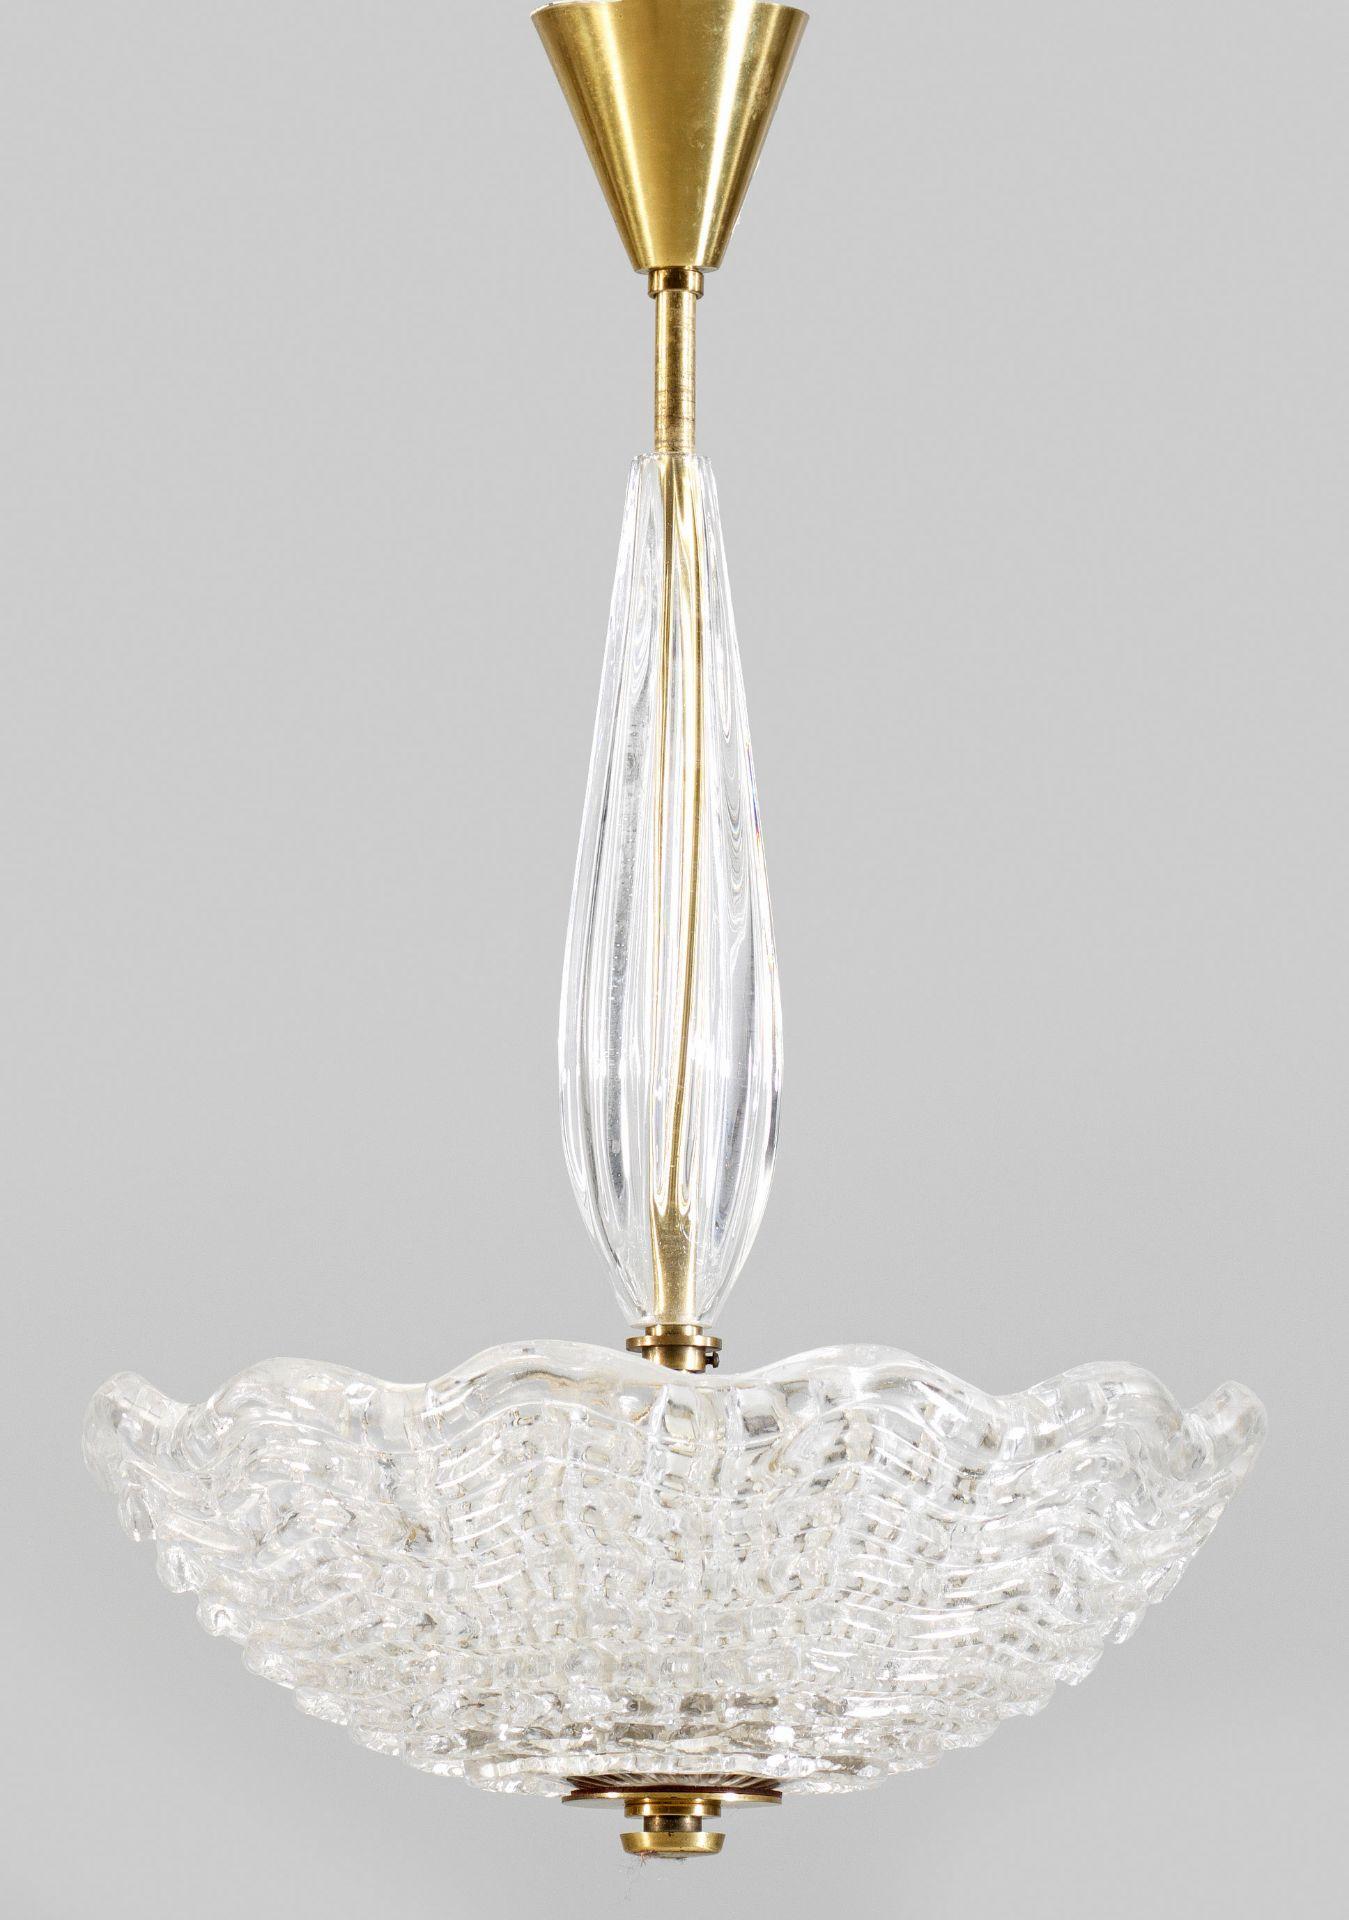 Deckenlampe von Carl Fagerlund